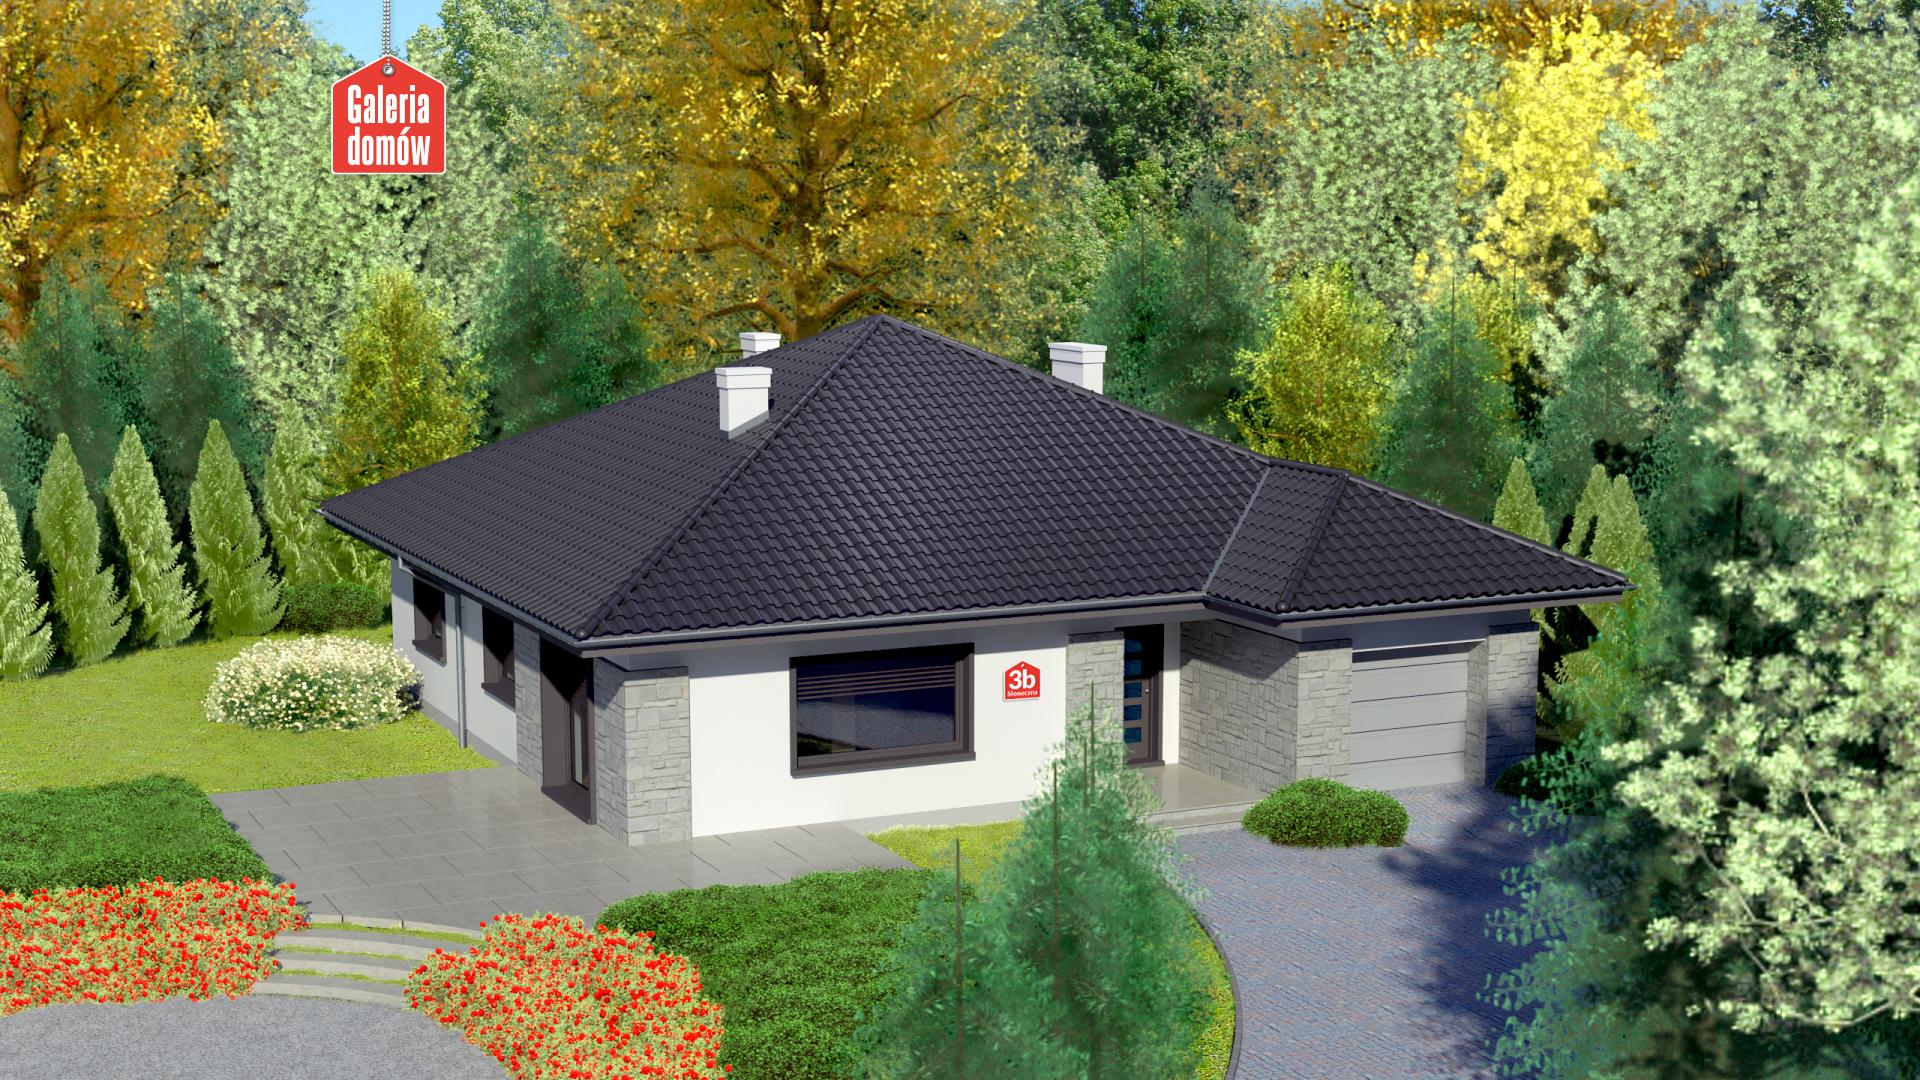 Dom przy Słonecznej 3 bis - zdjęcie projektu i wizualizacja